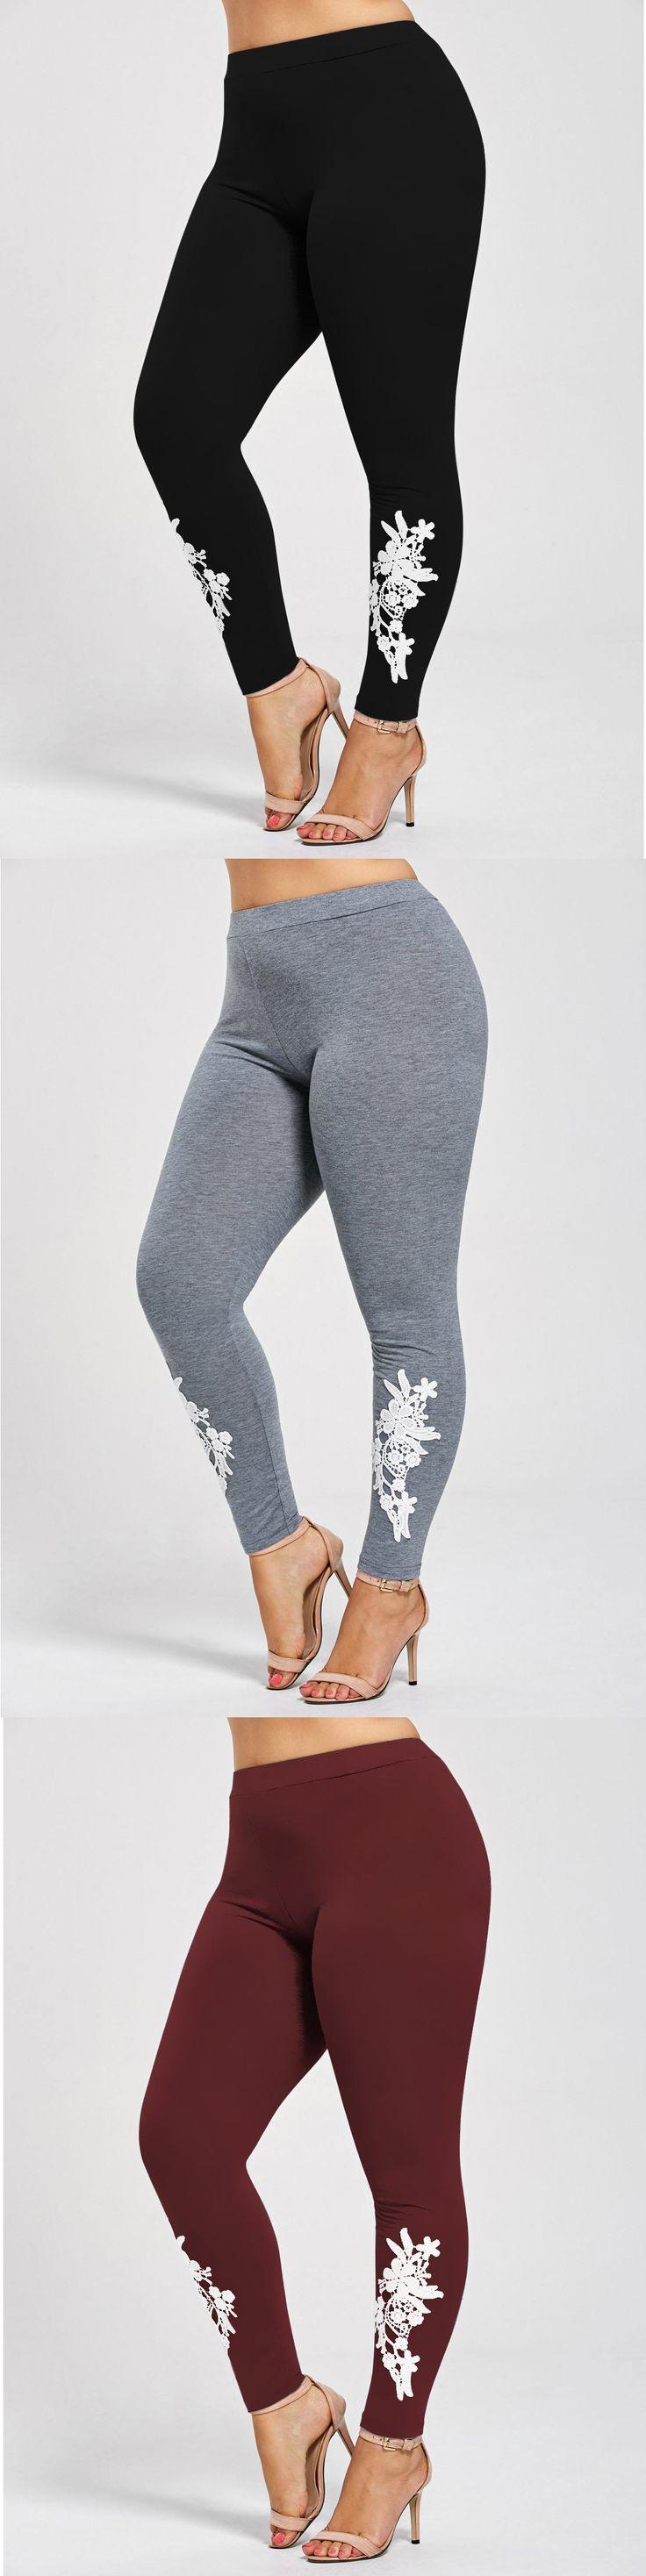 Plus Size Appliqued Jersey Leggings 2